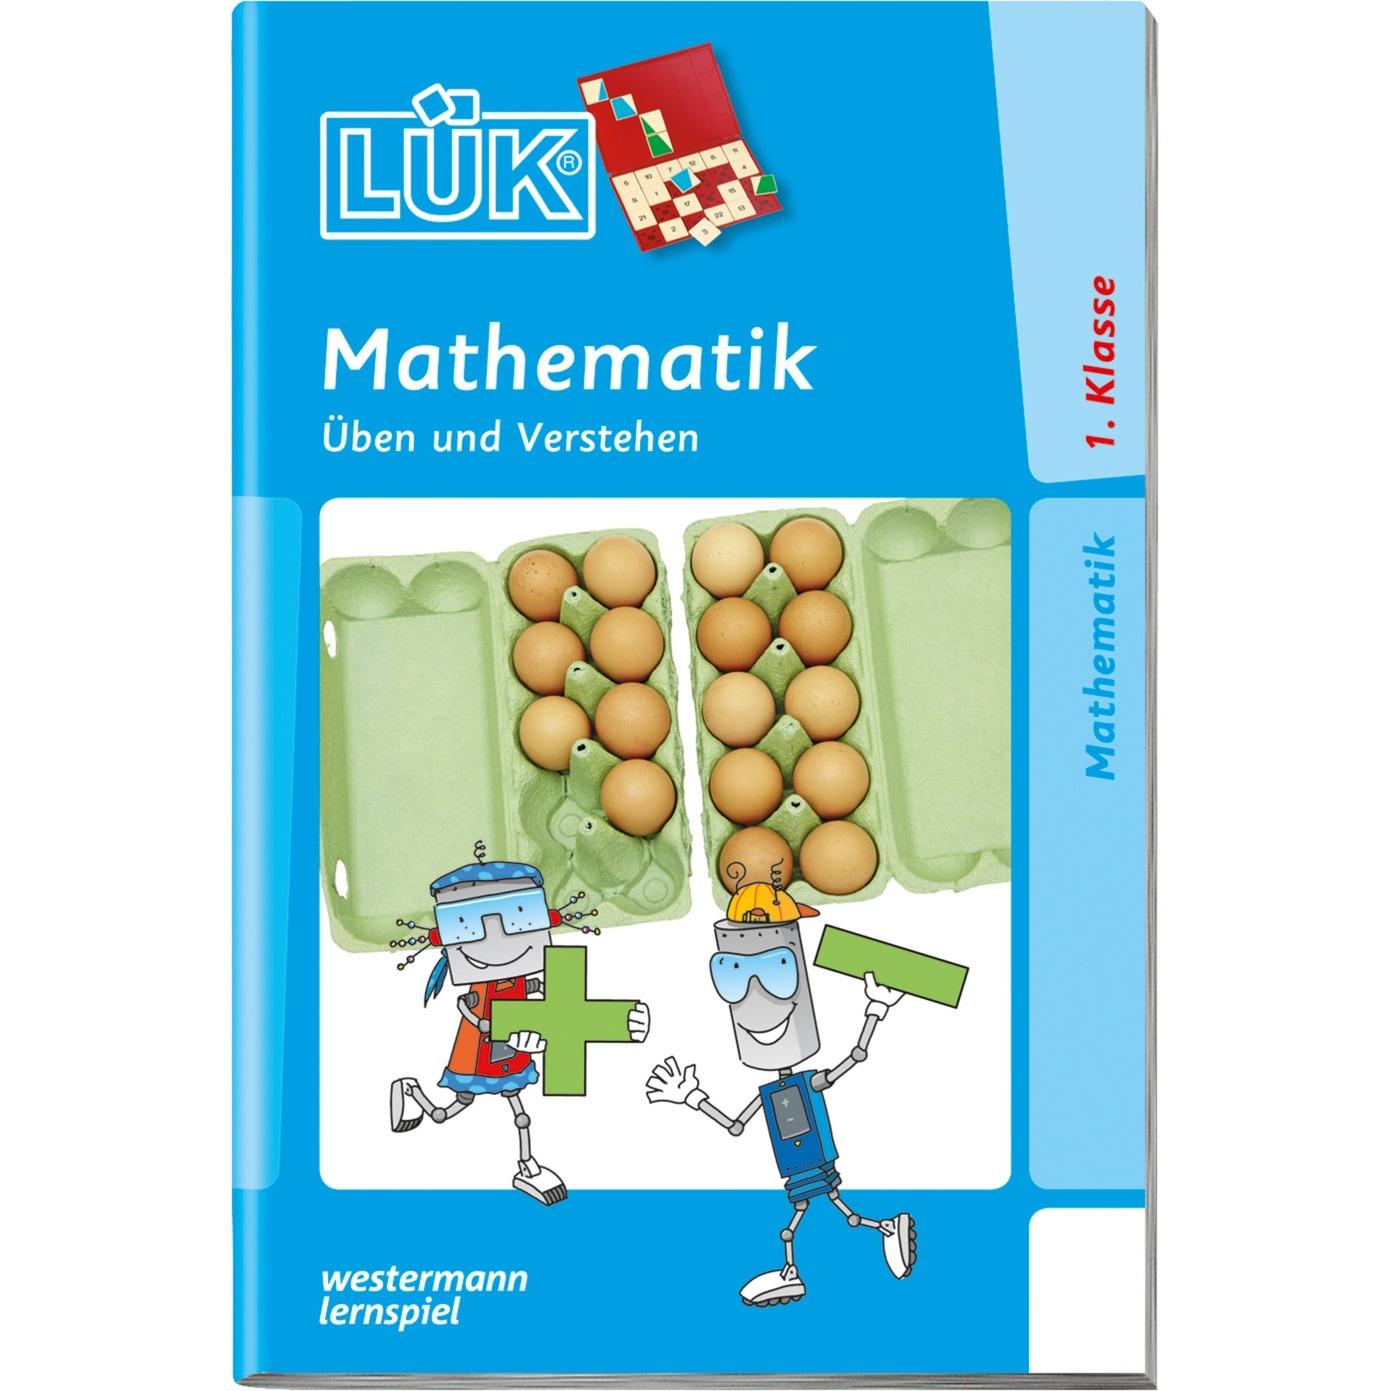 mathematik-1-klasse-ueben-und-verstehen-bornebog-bog-til-indlaring-skolebog